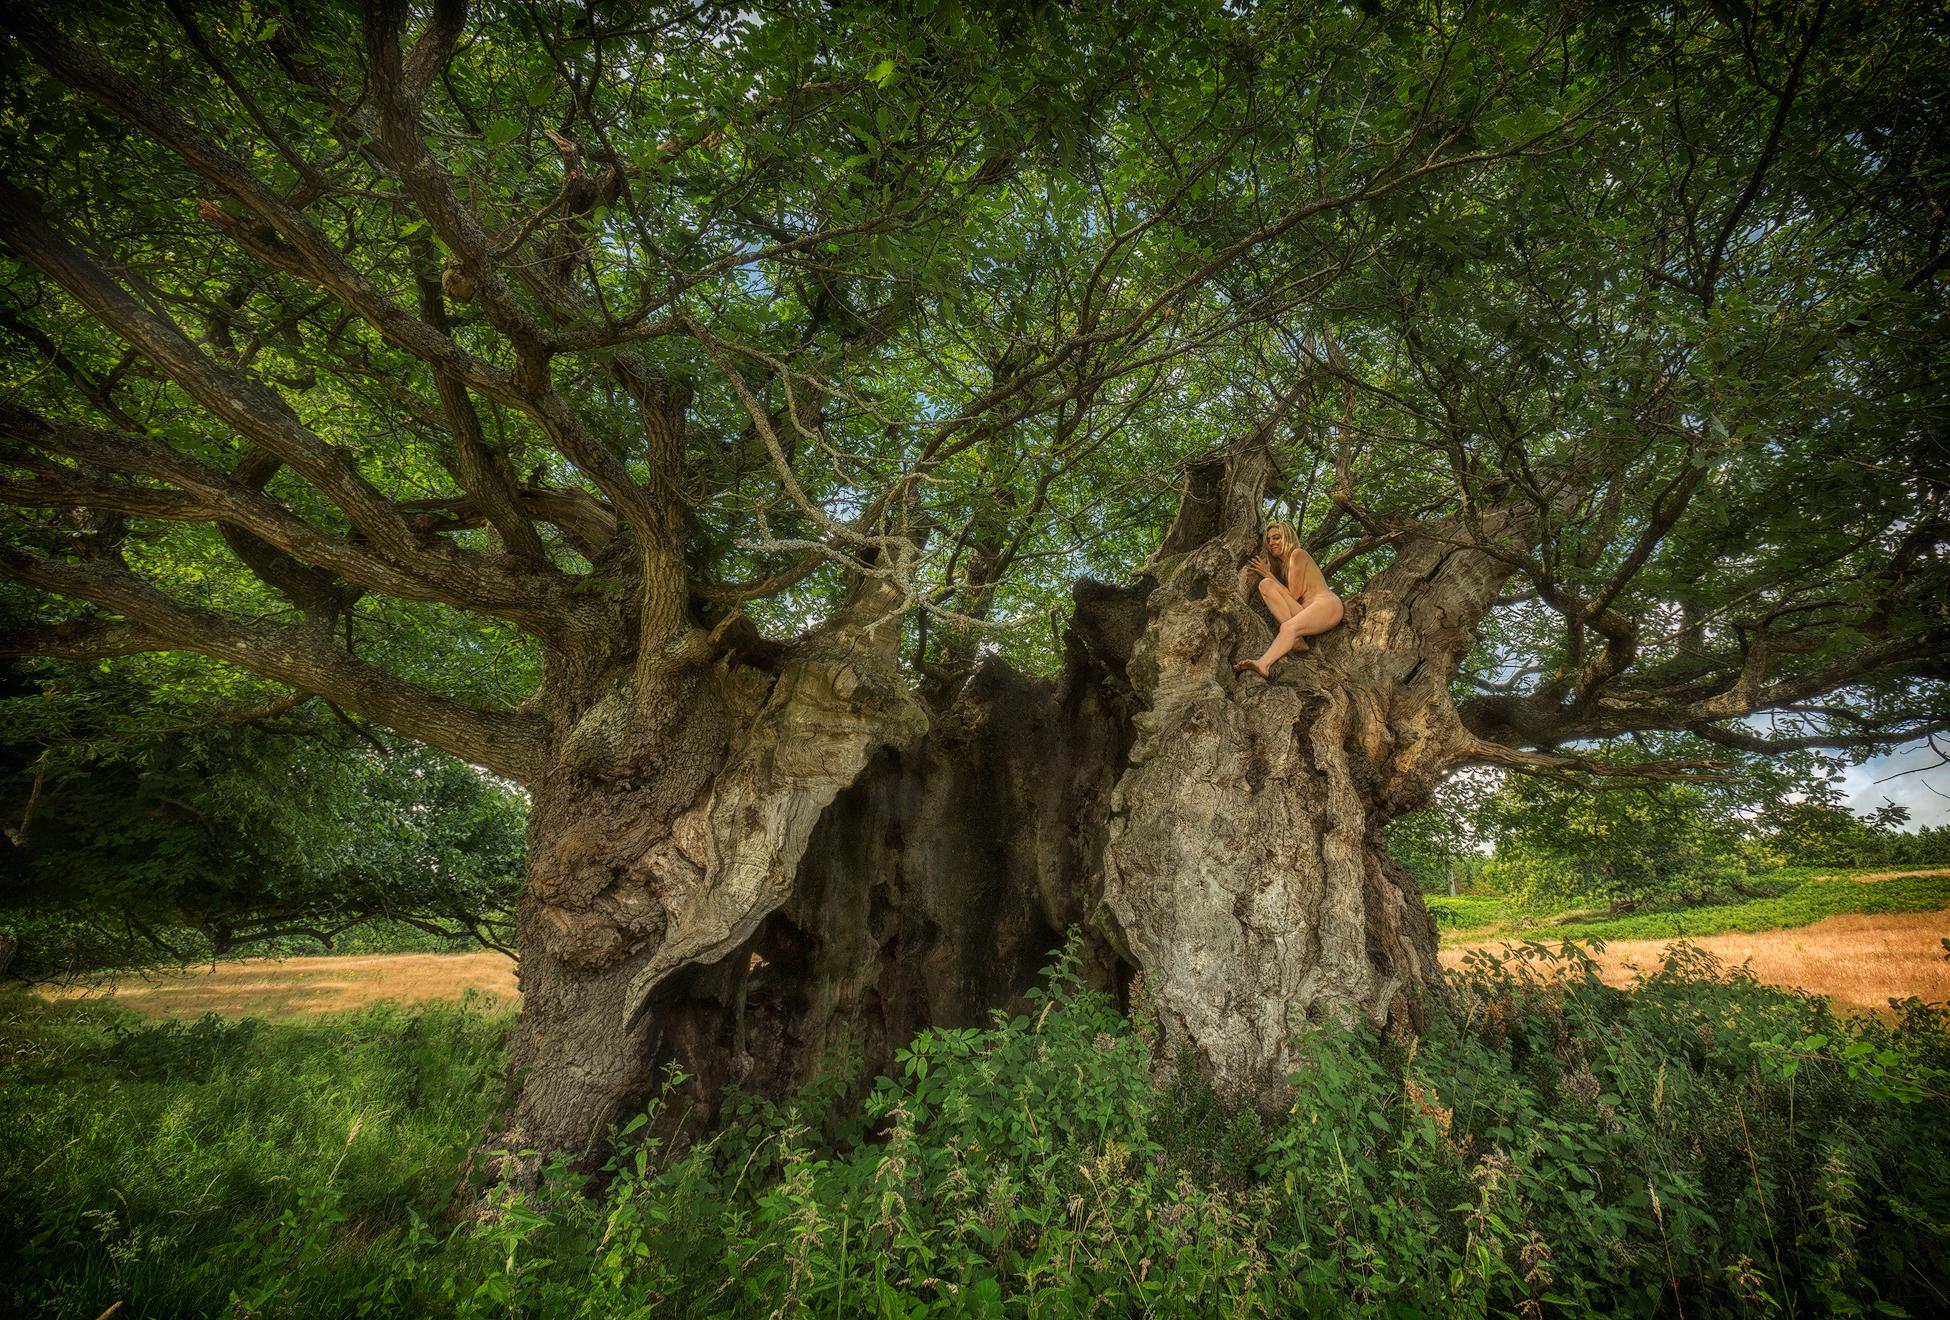 Queen Elizabeth Oak Habitat TreeGirl Nude Fine Art Prints